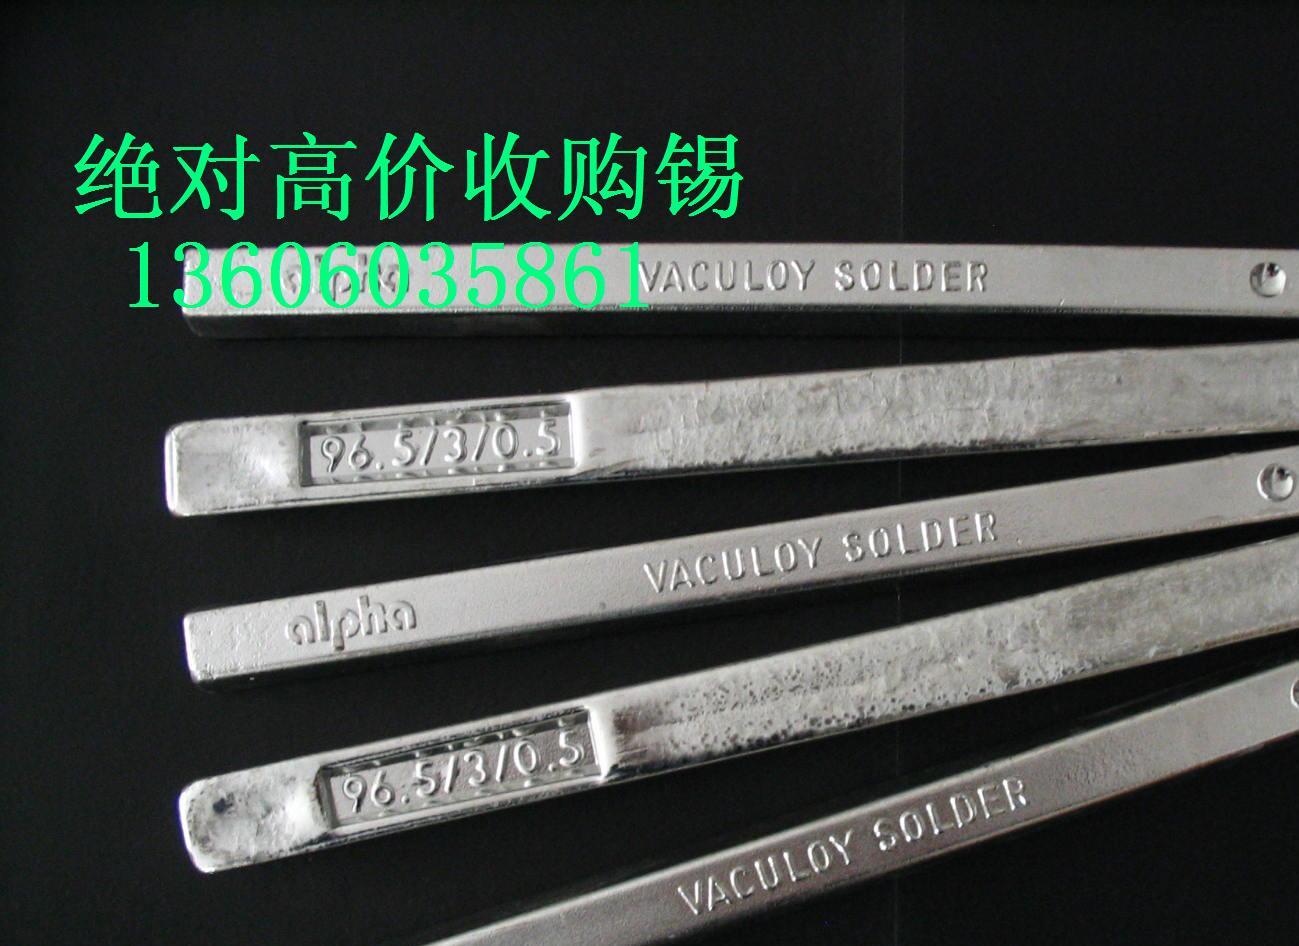 厦门电子电子脚回收,厦门电子锡回收,厦门电子细线回收,厦门锡回收 【13606035861】 锡与硫的化合物硫化锡,它的颜色与金子相似,常用作金色颜料。   锡与氧的化合物二氧化锡。锡于常温下,在空气中不受氧化,强热之,则变为二氧化锡。二氧化锡是不溶于水的白色粉末,可用于制造搪瓷、白釉与乳白玻璃。1970年以来,人们把它用于防止空气污染汽车废气中常含有有毒的一氧化碳气体,但在二氧化锡的催化下,在300时,可大部转化为二氧化碳。   锡器历史悠久,可以追溯到公无前3700年,古时候,人们常在井底